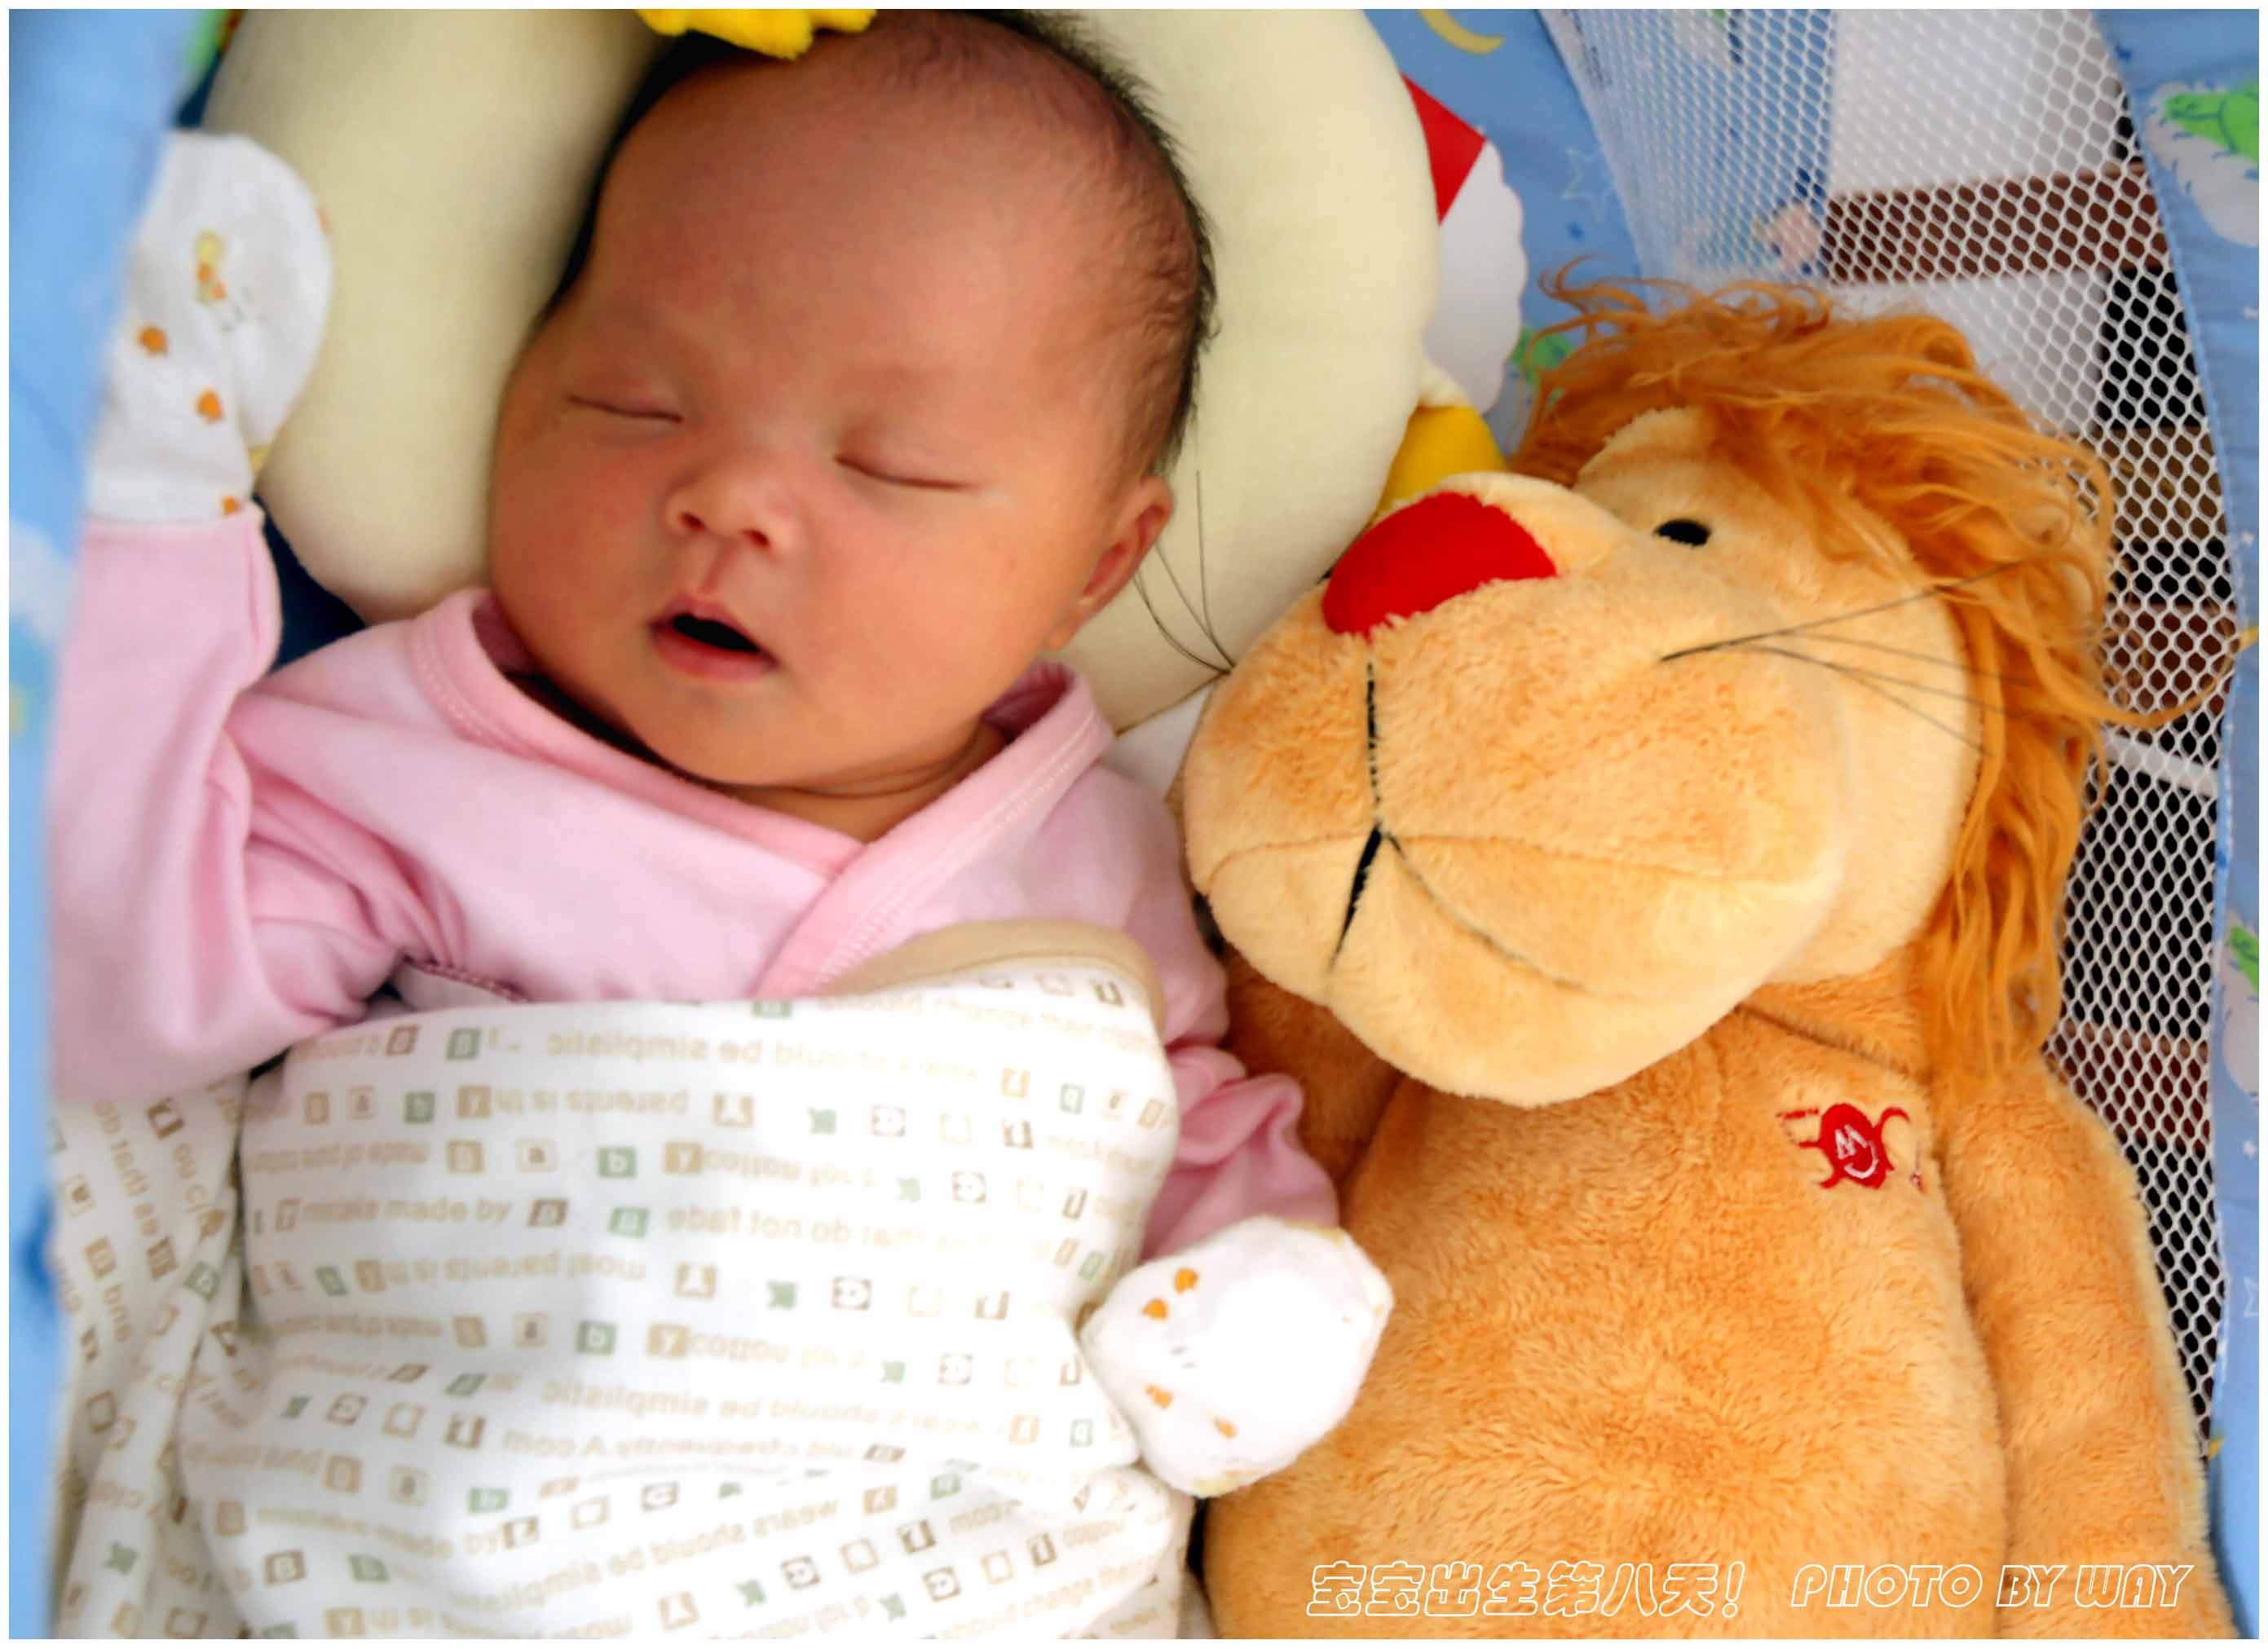 宝宝出生第八天的照片,太可爱了!